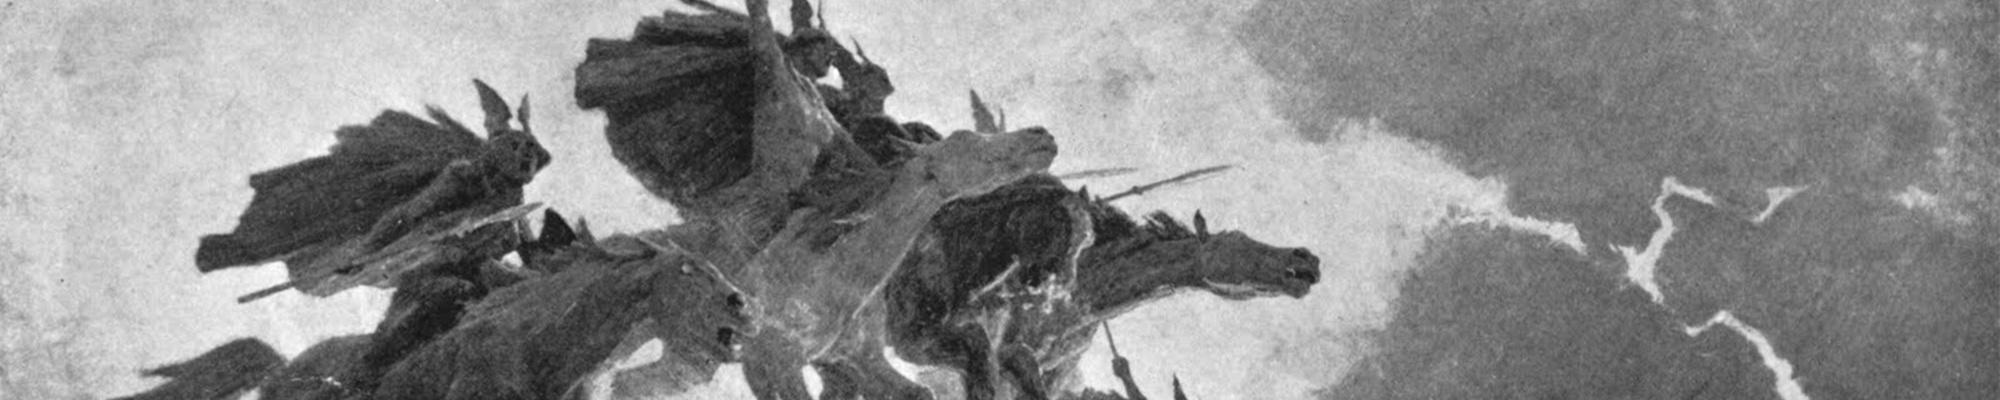 北欧神话——被遗忘了的冰与火之歌